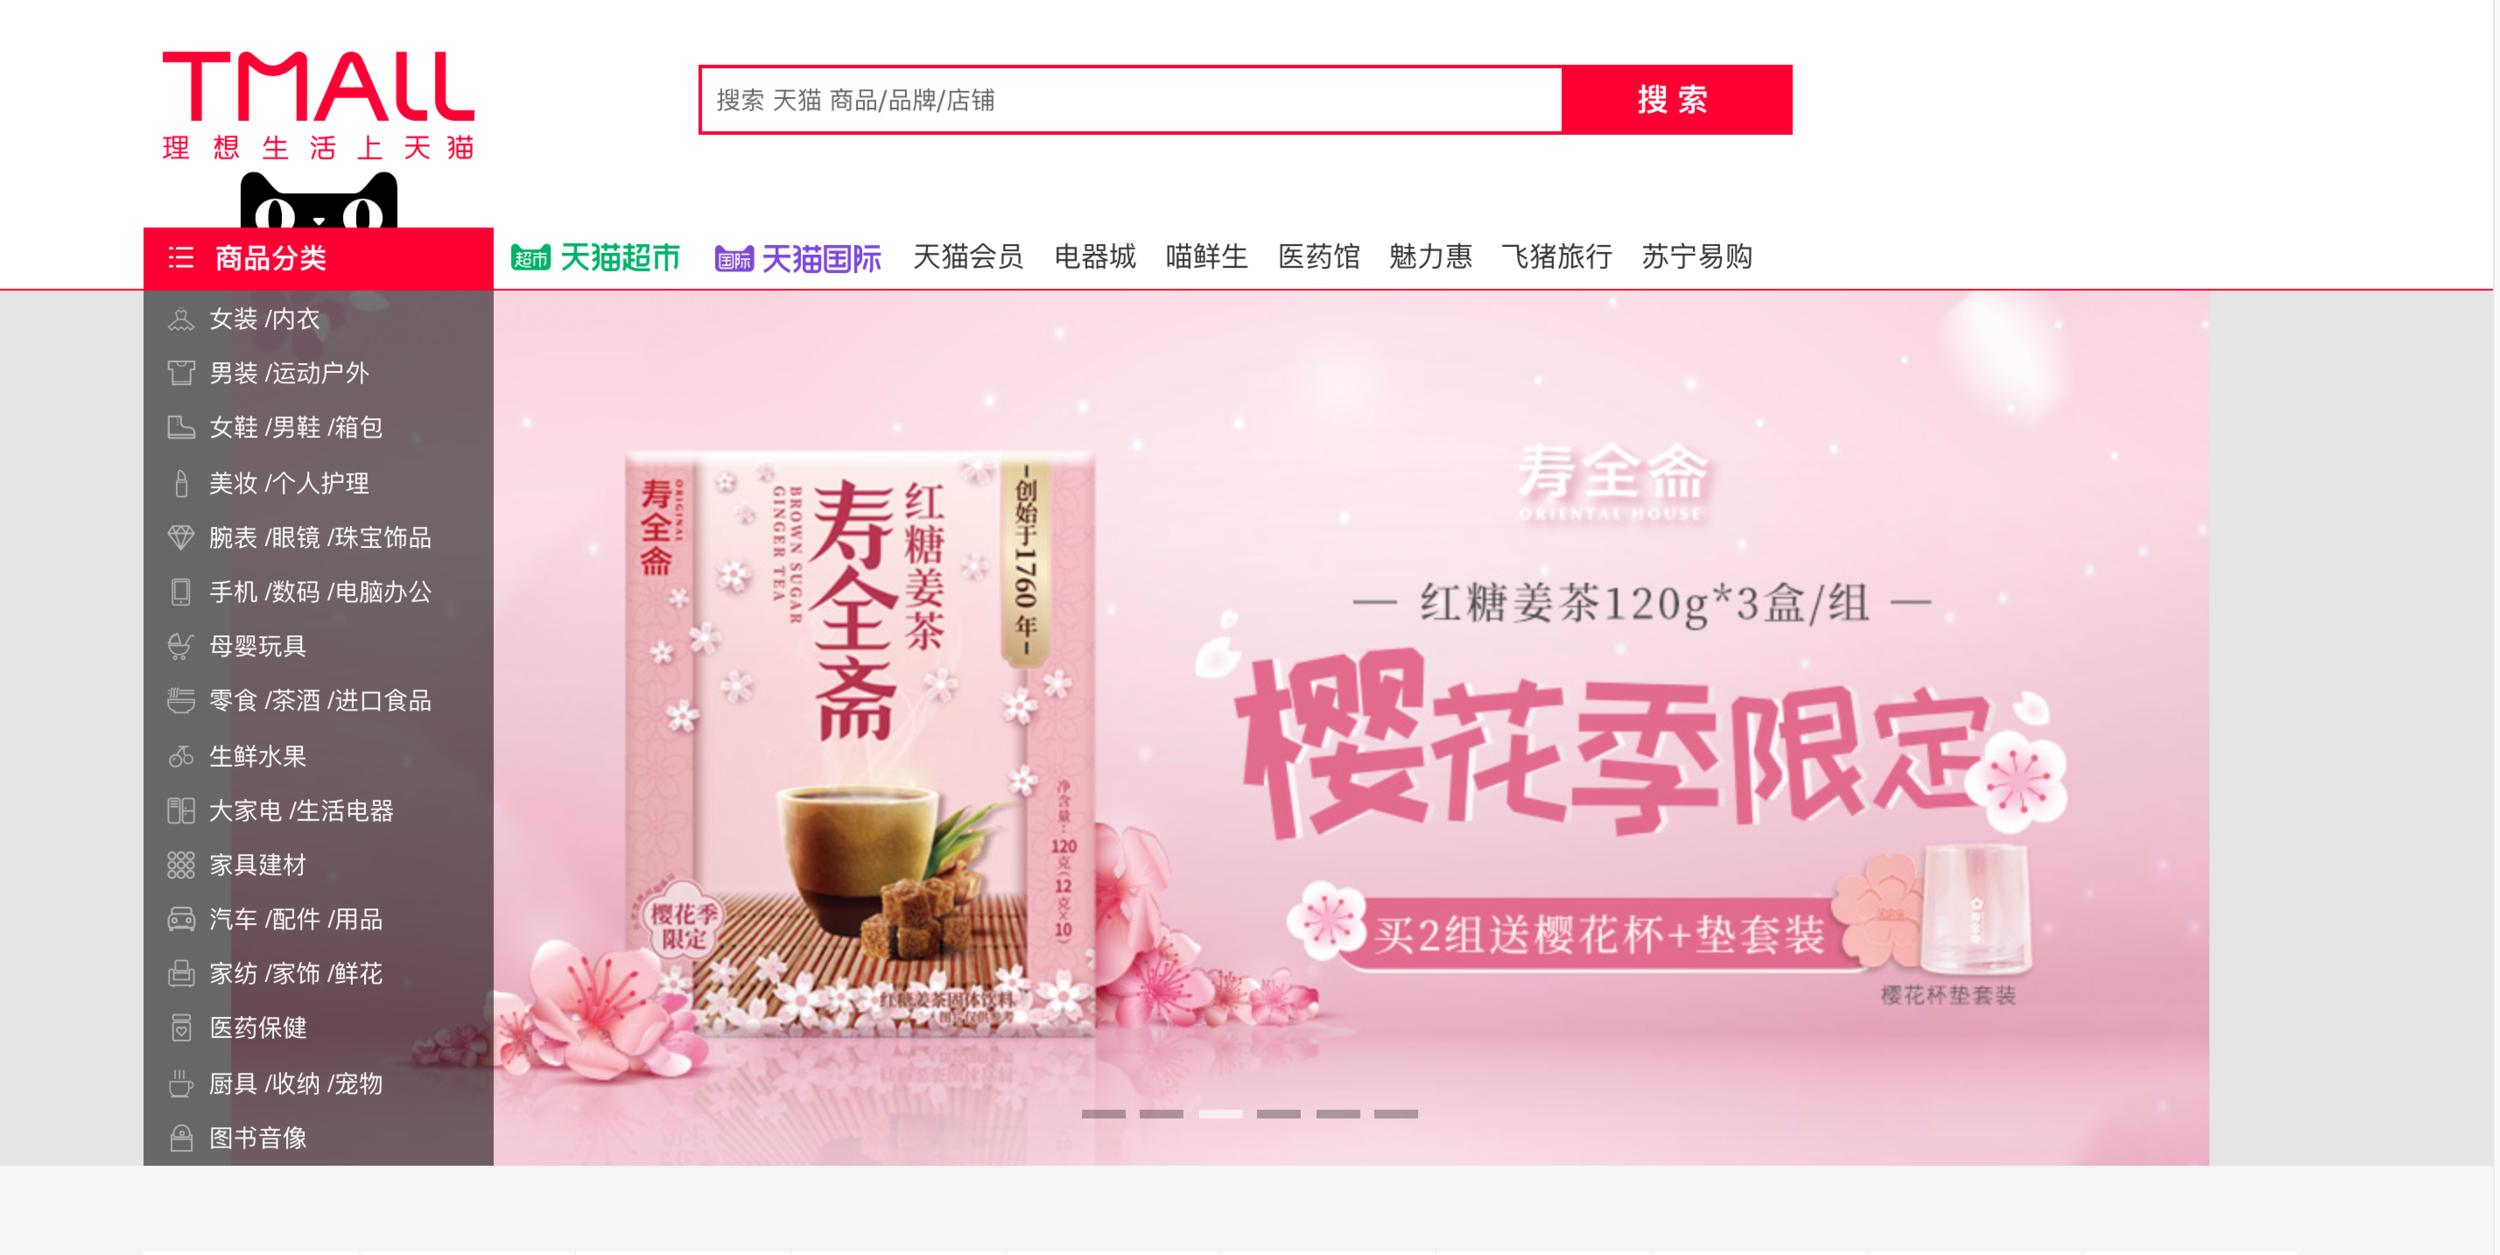 Page365-เว็บสั่งของจากจีน-Tmall.png